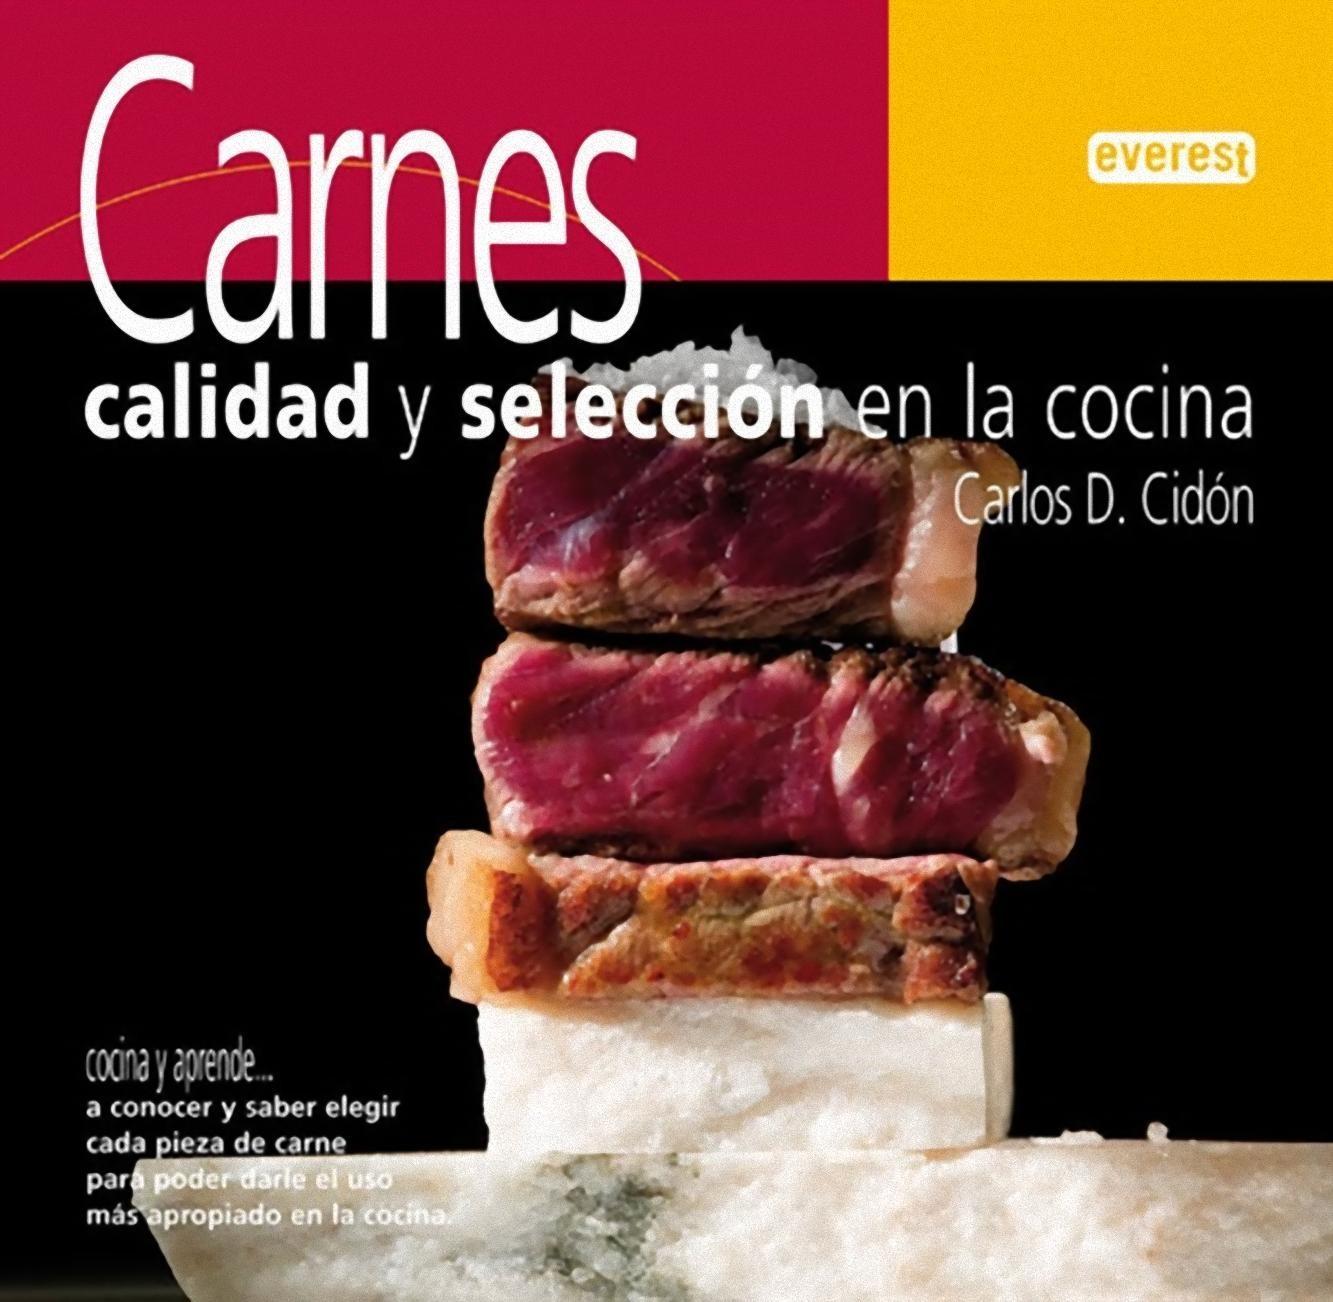 Carnes, de Carlos Domínguez Cidón